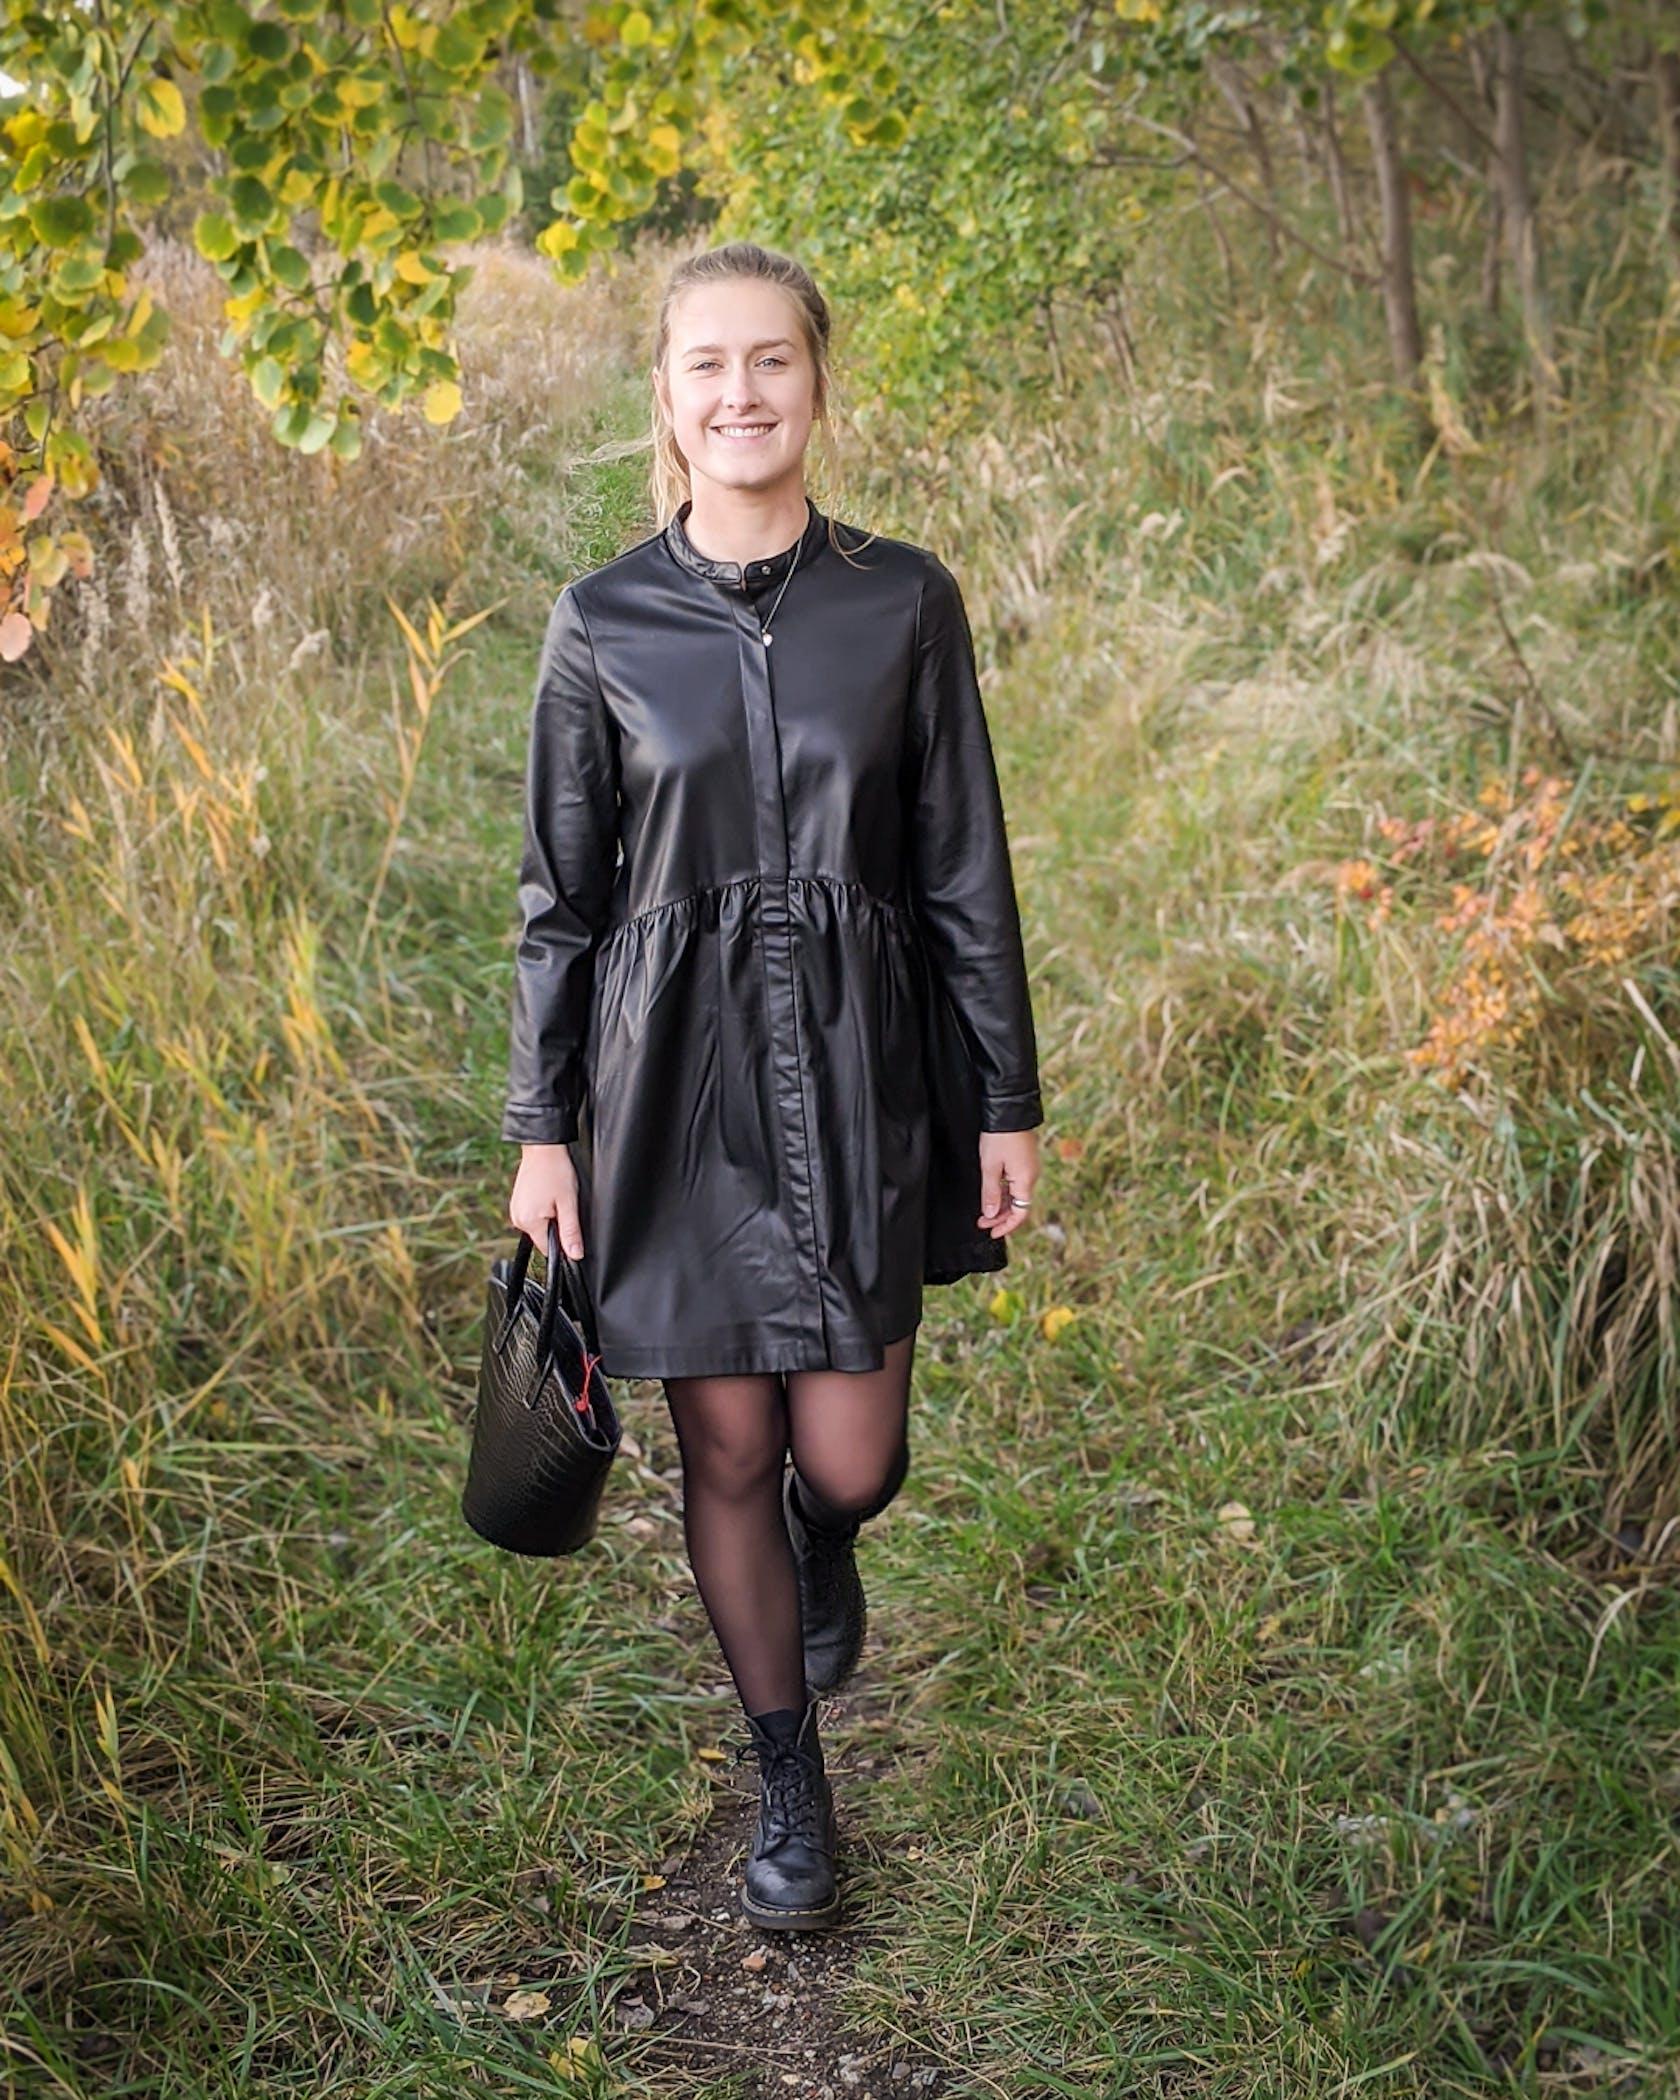 june Frau in schwarzem Lederimitatkleid läuft einen Waldweg entlang